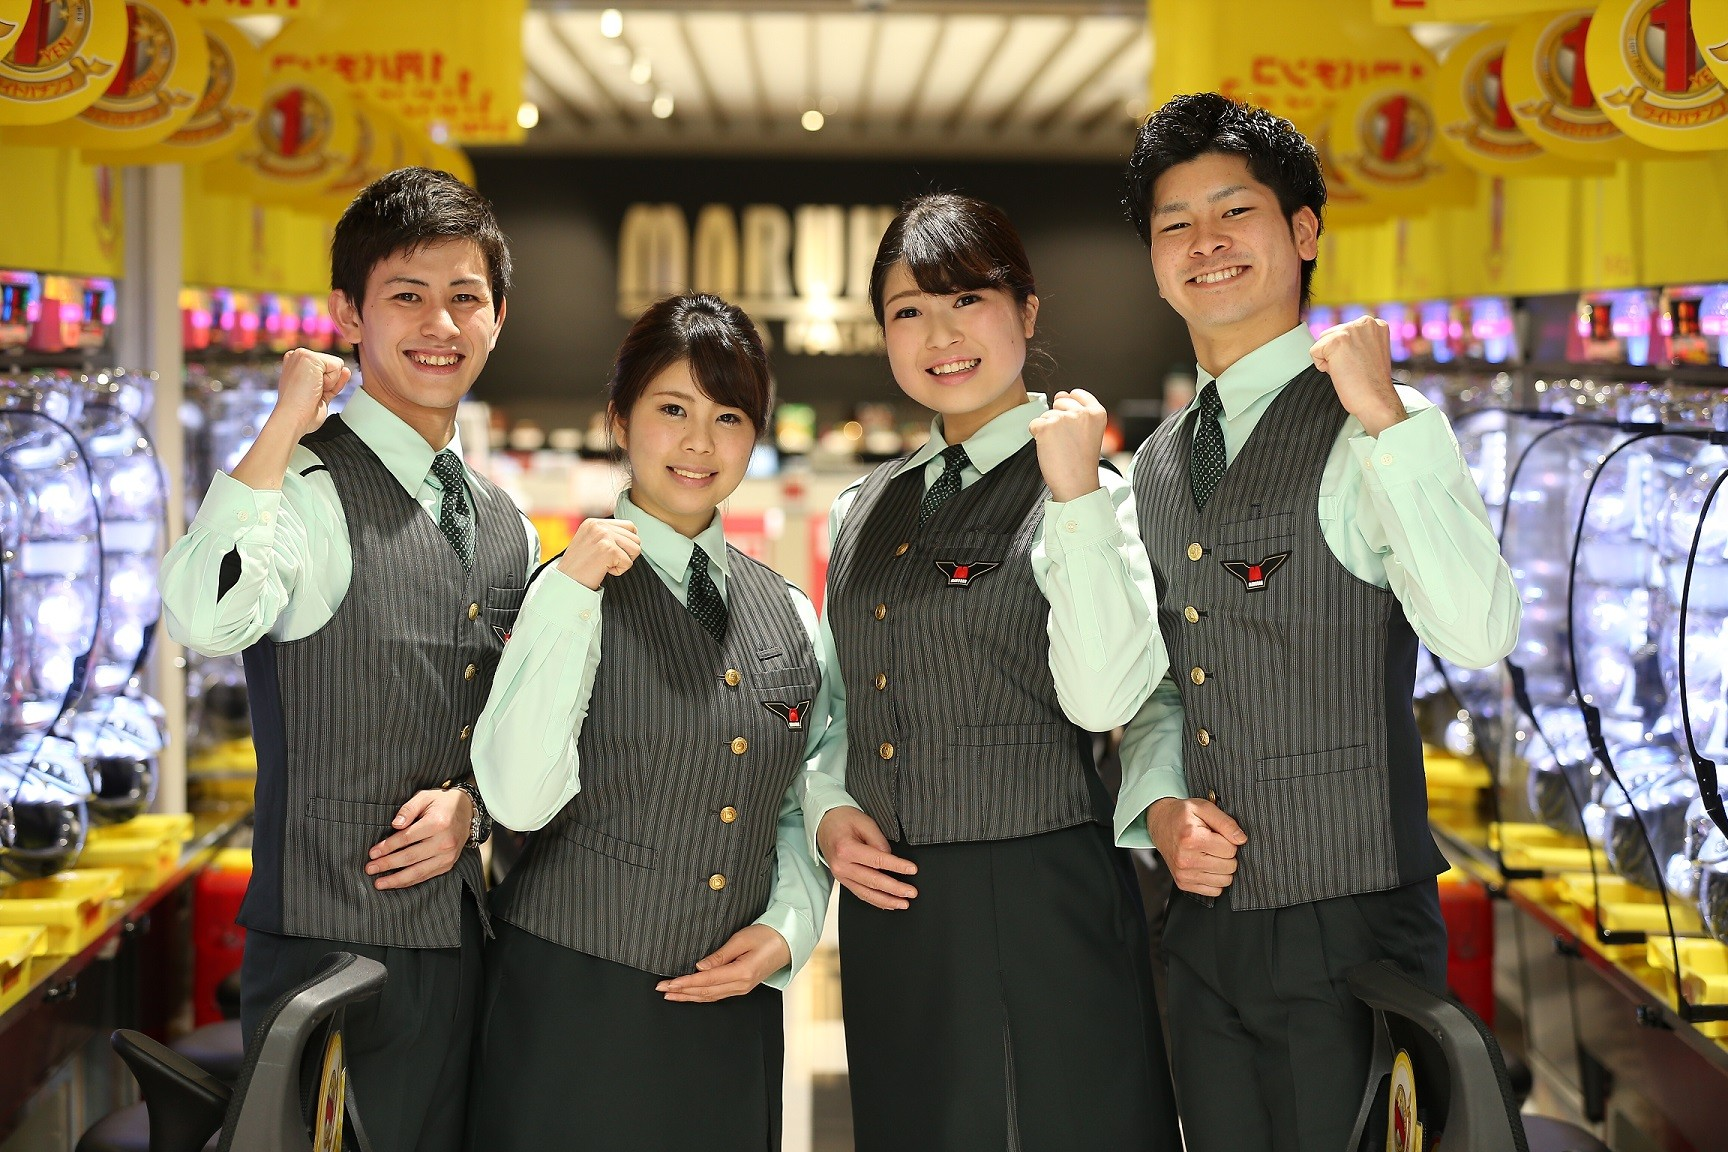 マルハン 茨木店[2820]のアルバイト情報